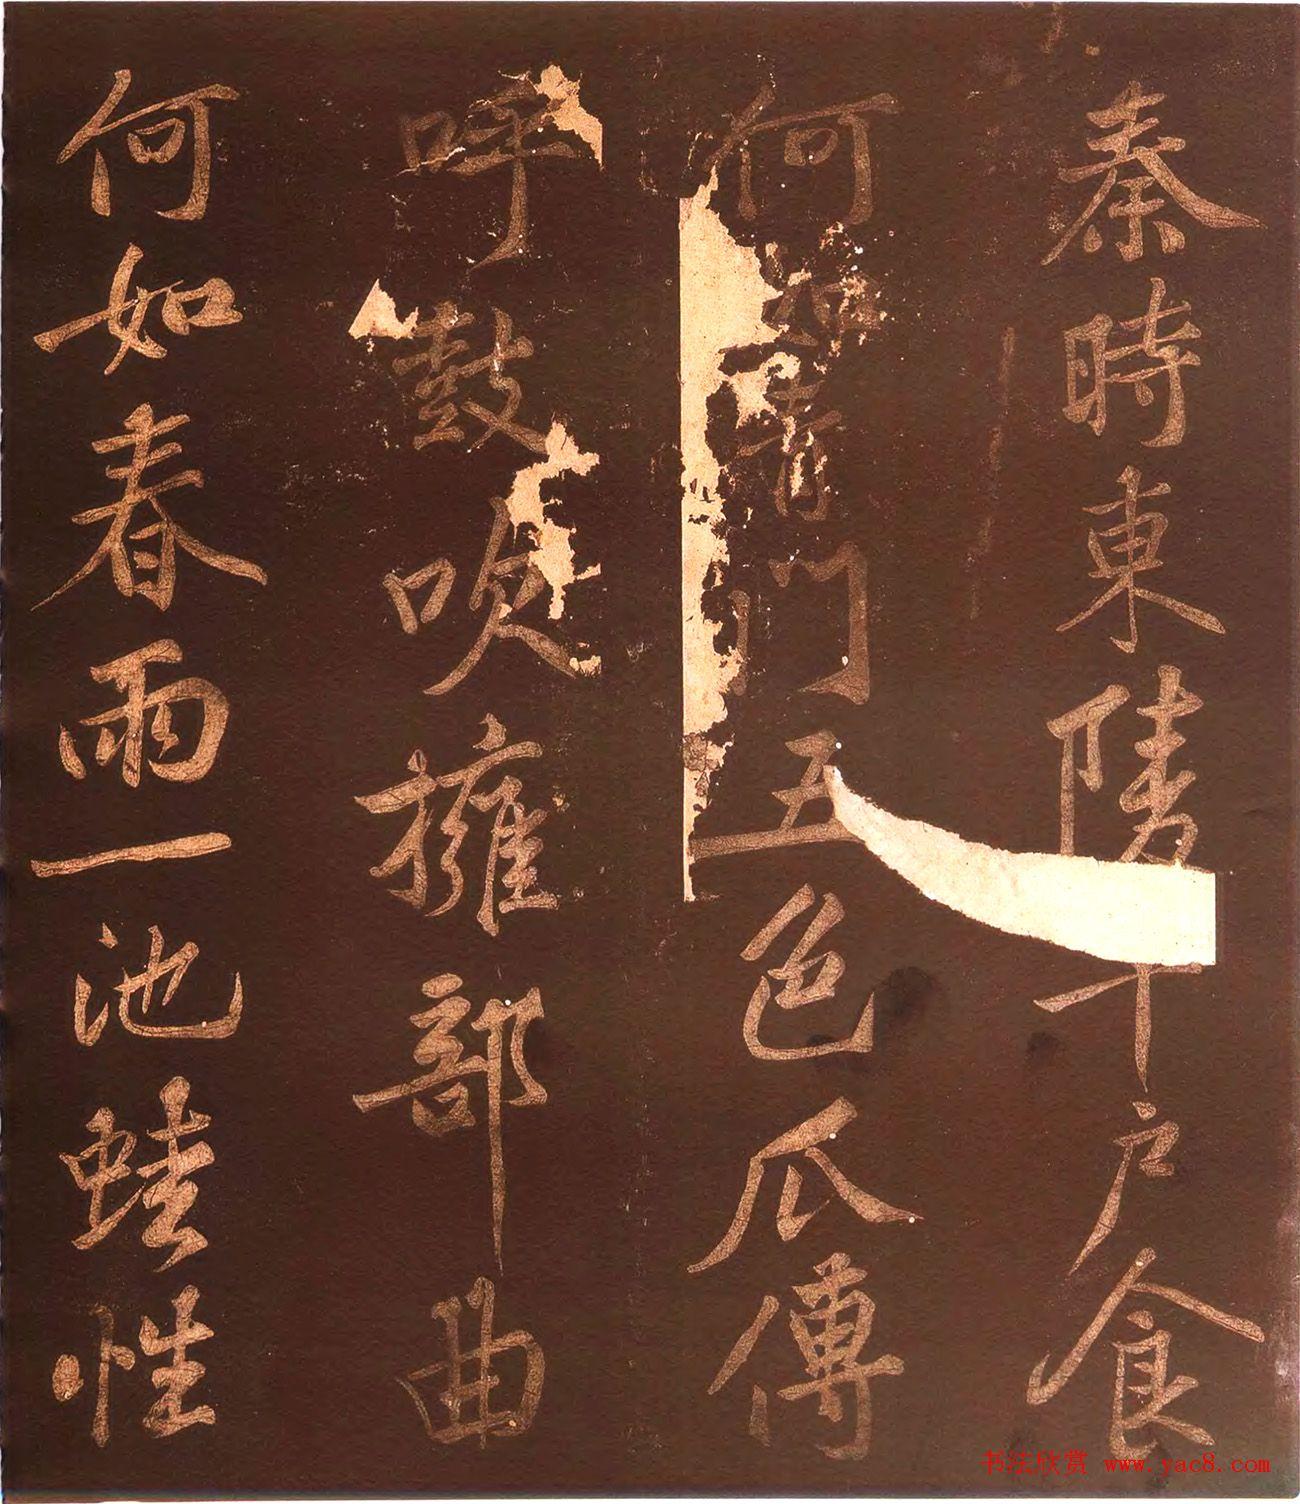 黄庭坚44岁行楷书法《薄酒丑妇歌碑》